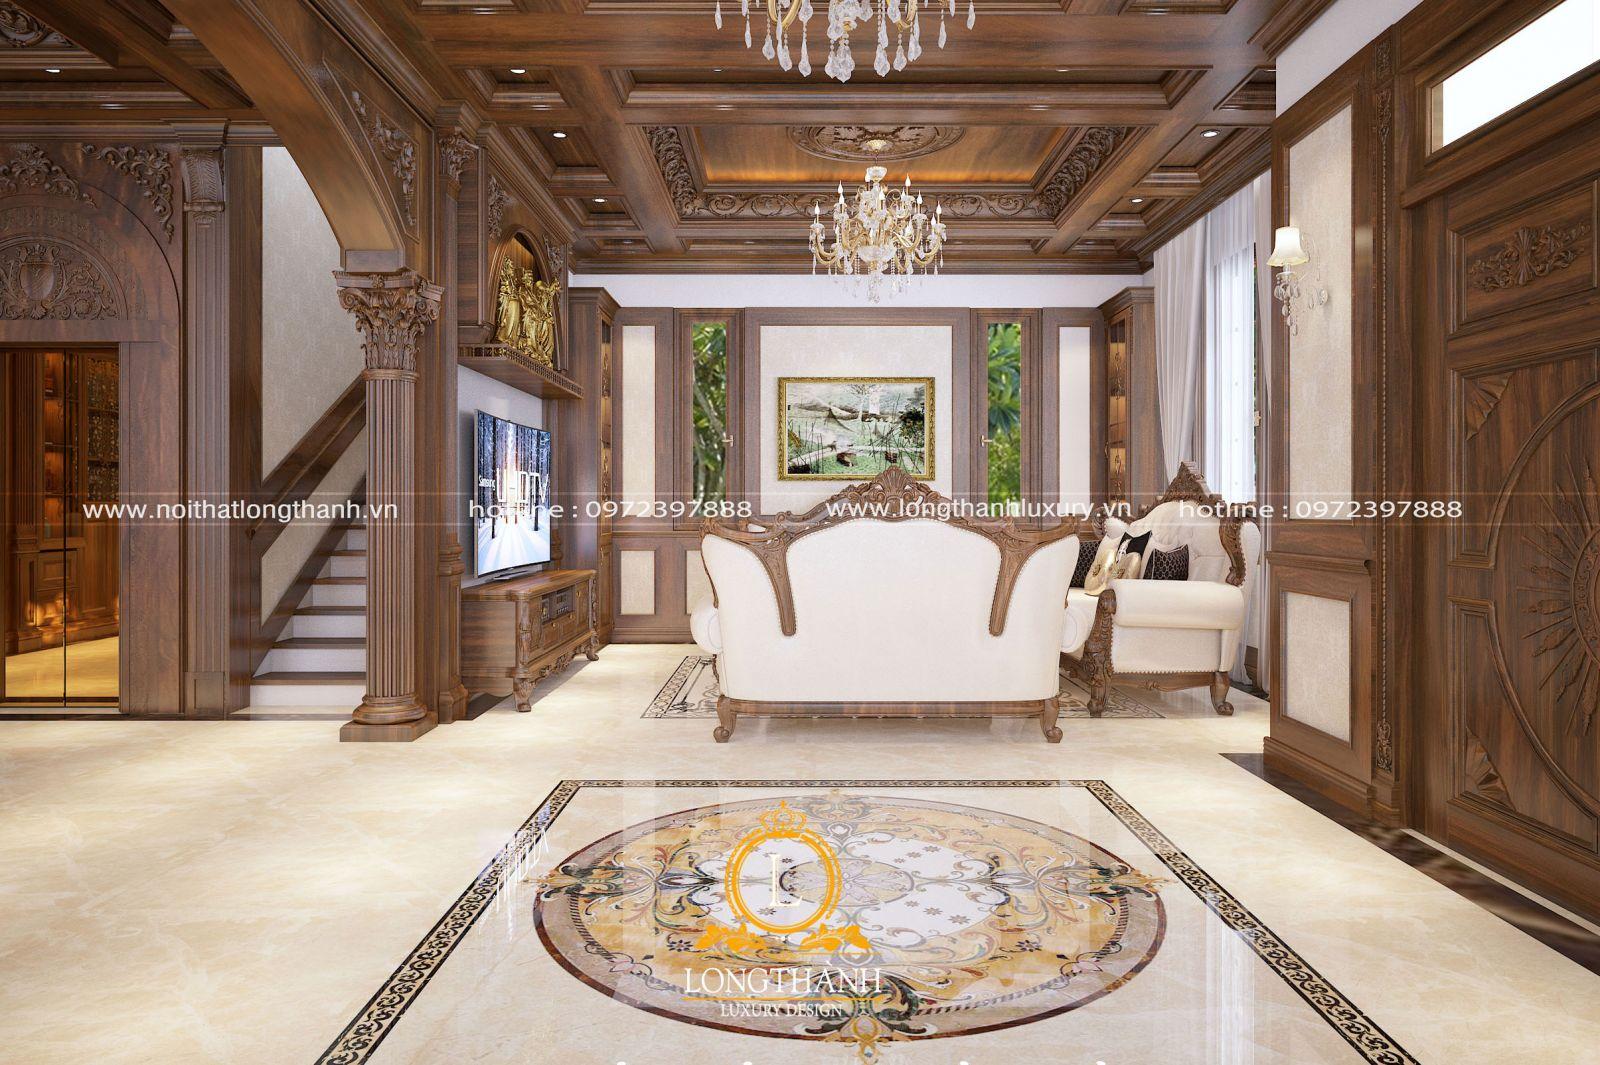 Thiết kế phòng khách tân cổ điển đẹp cho nhà biệt thự